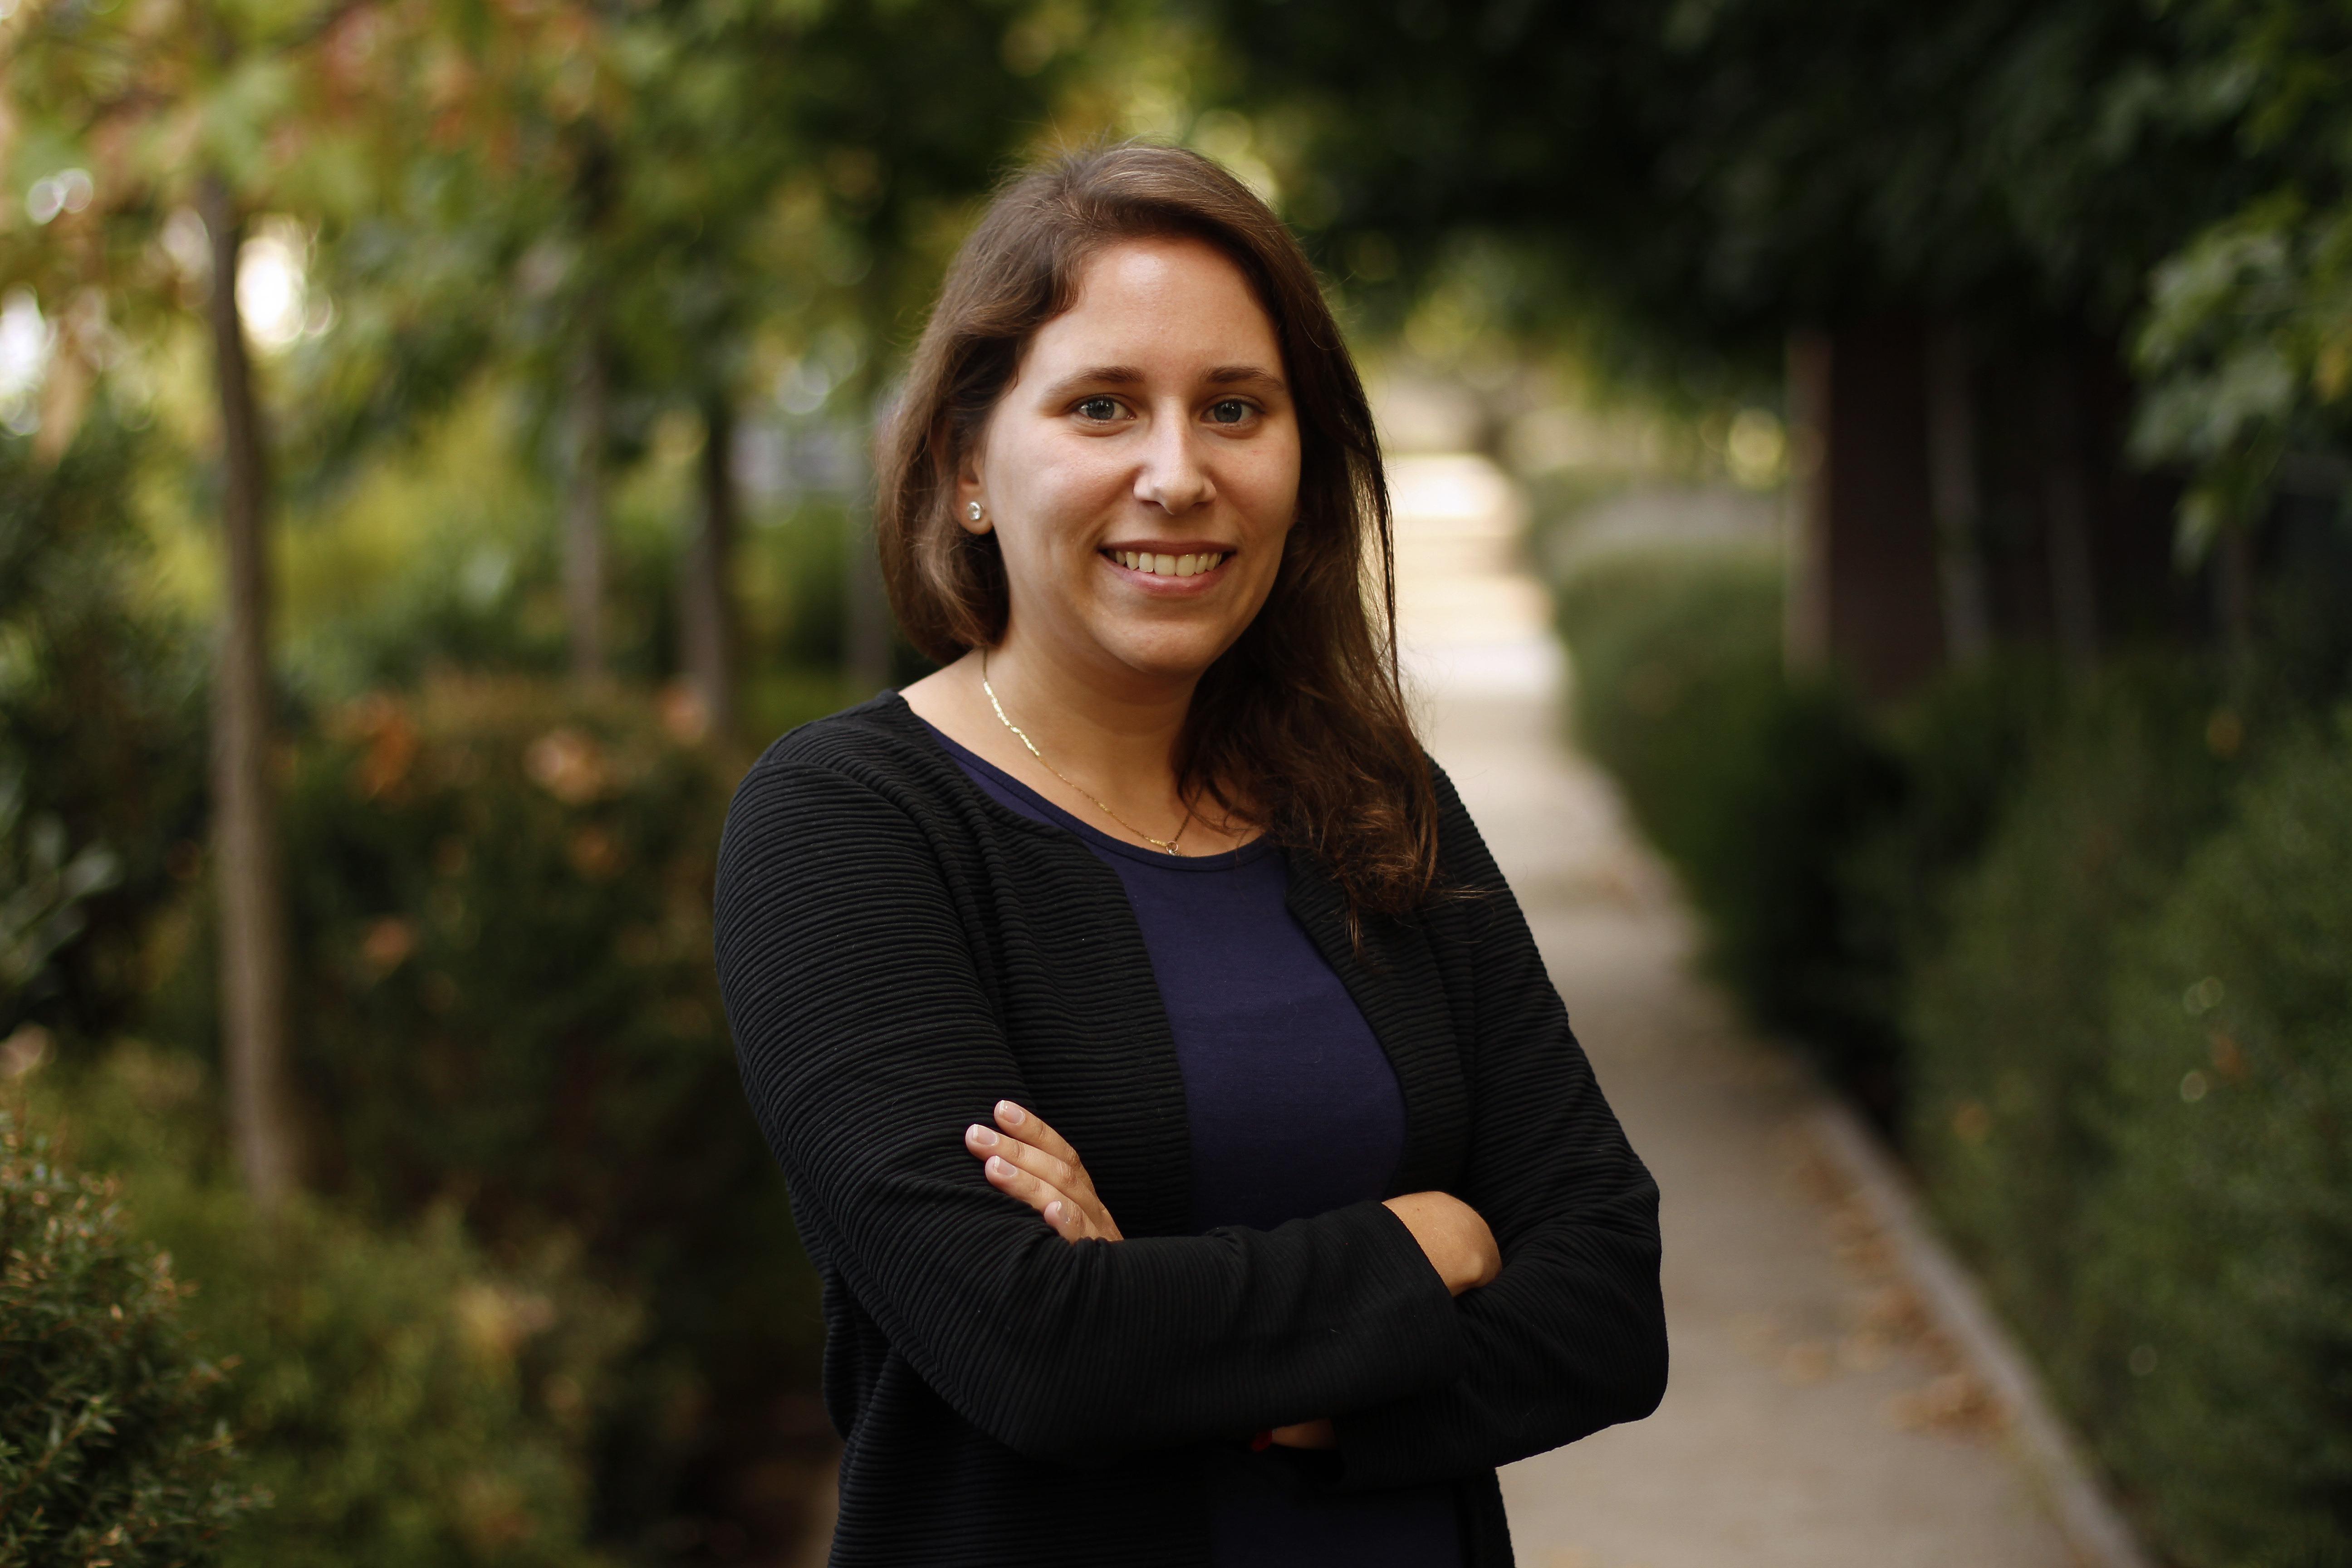 Daniela Valenzuela Schindler